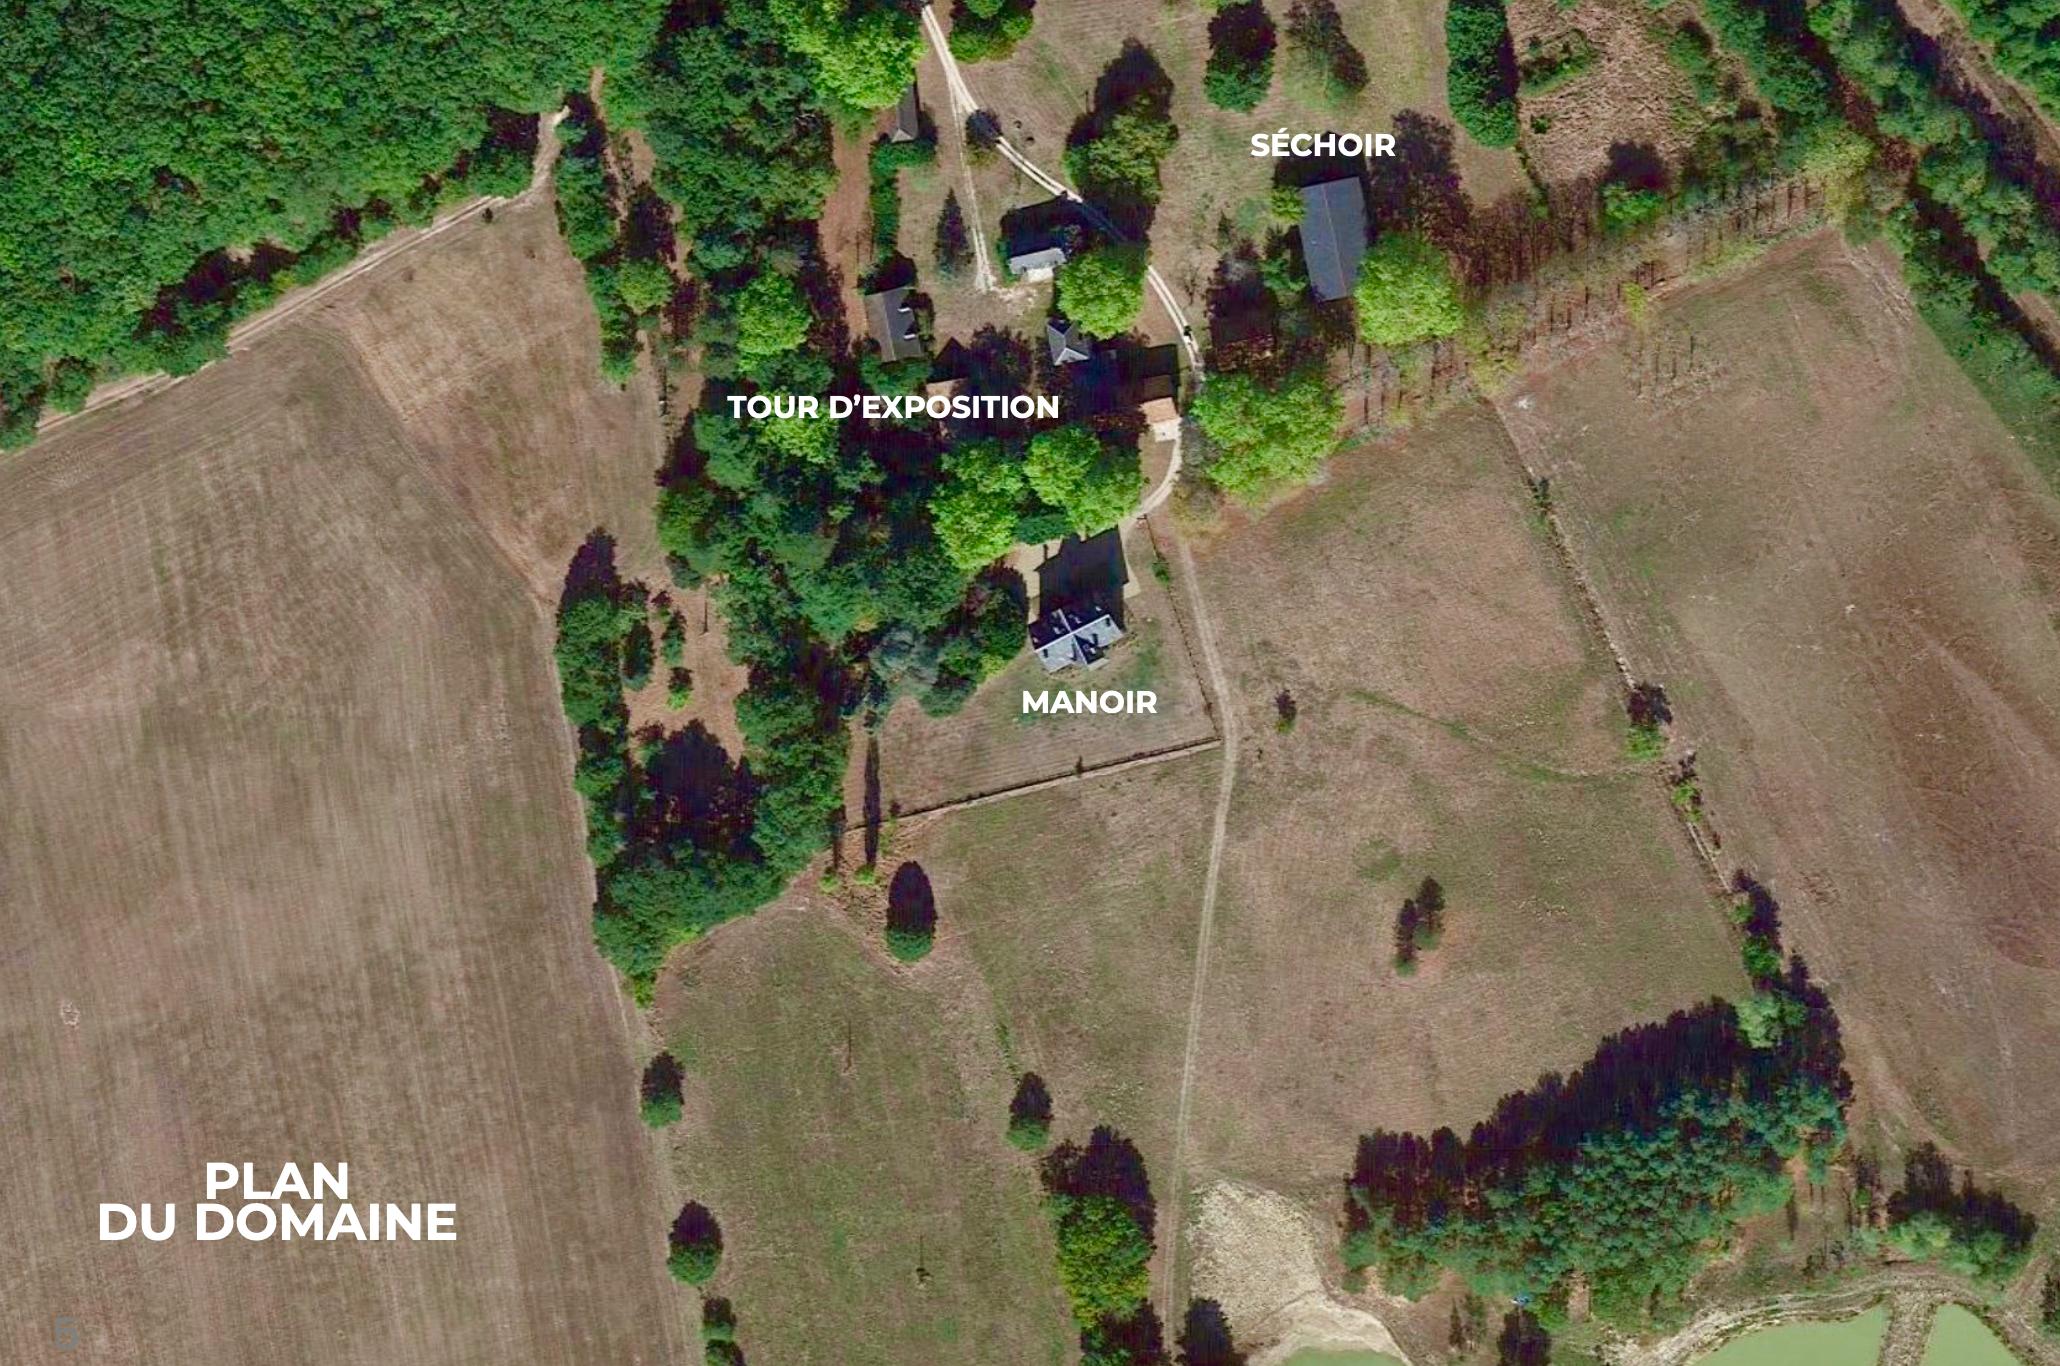 plan des lieux de La blondellerie pour accueillir des événements privées et professionnels